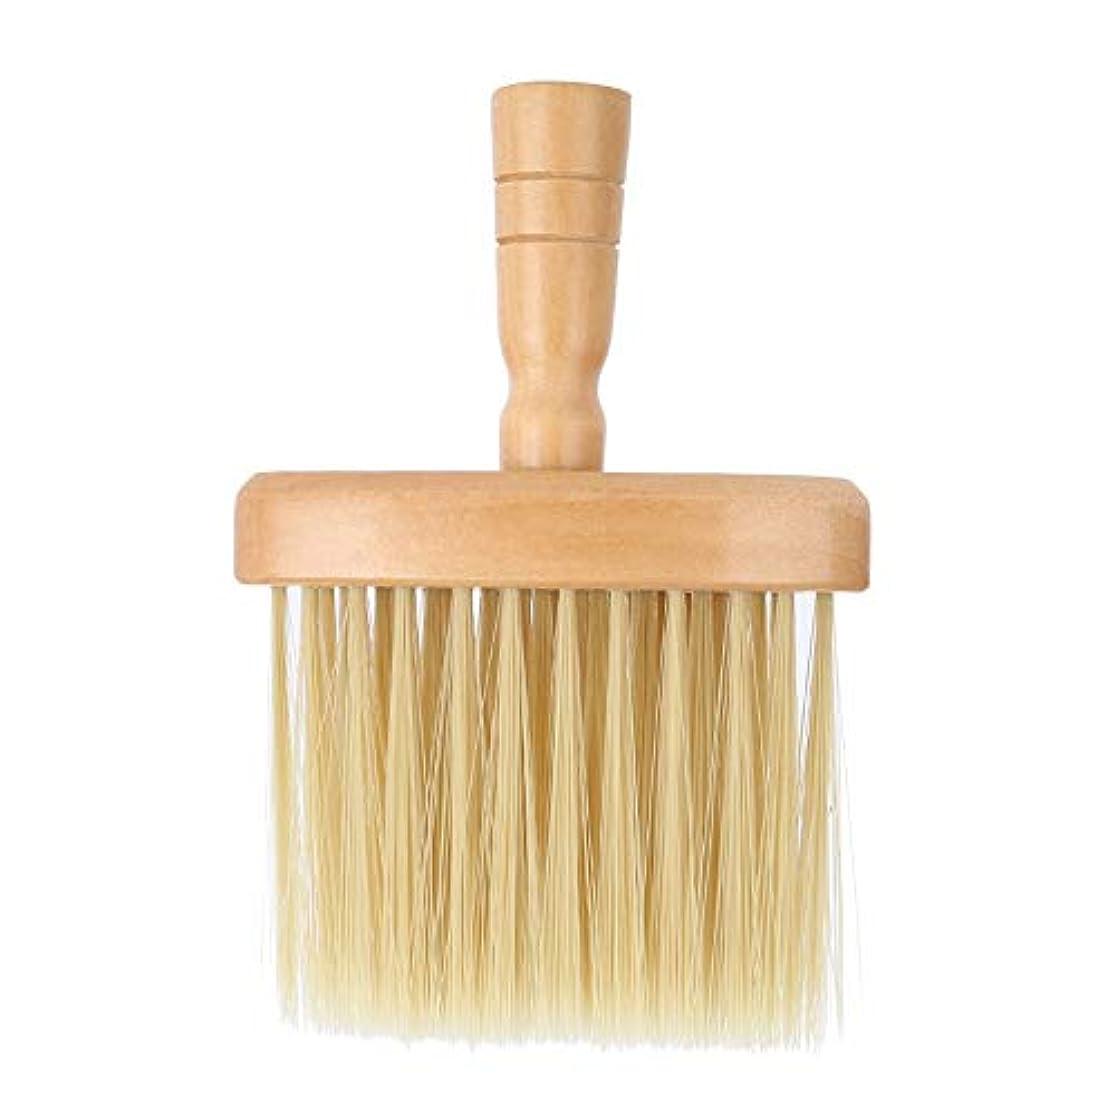 スモッグによると原子炉ヘアカットブラシネックフェイスダスターブラシサロンヘアクリーニング木製掃除ブラシヘアカット理髪ツール